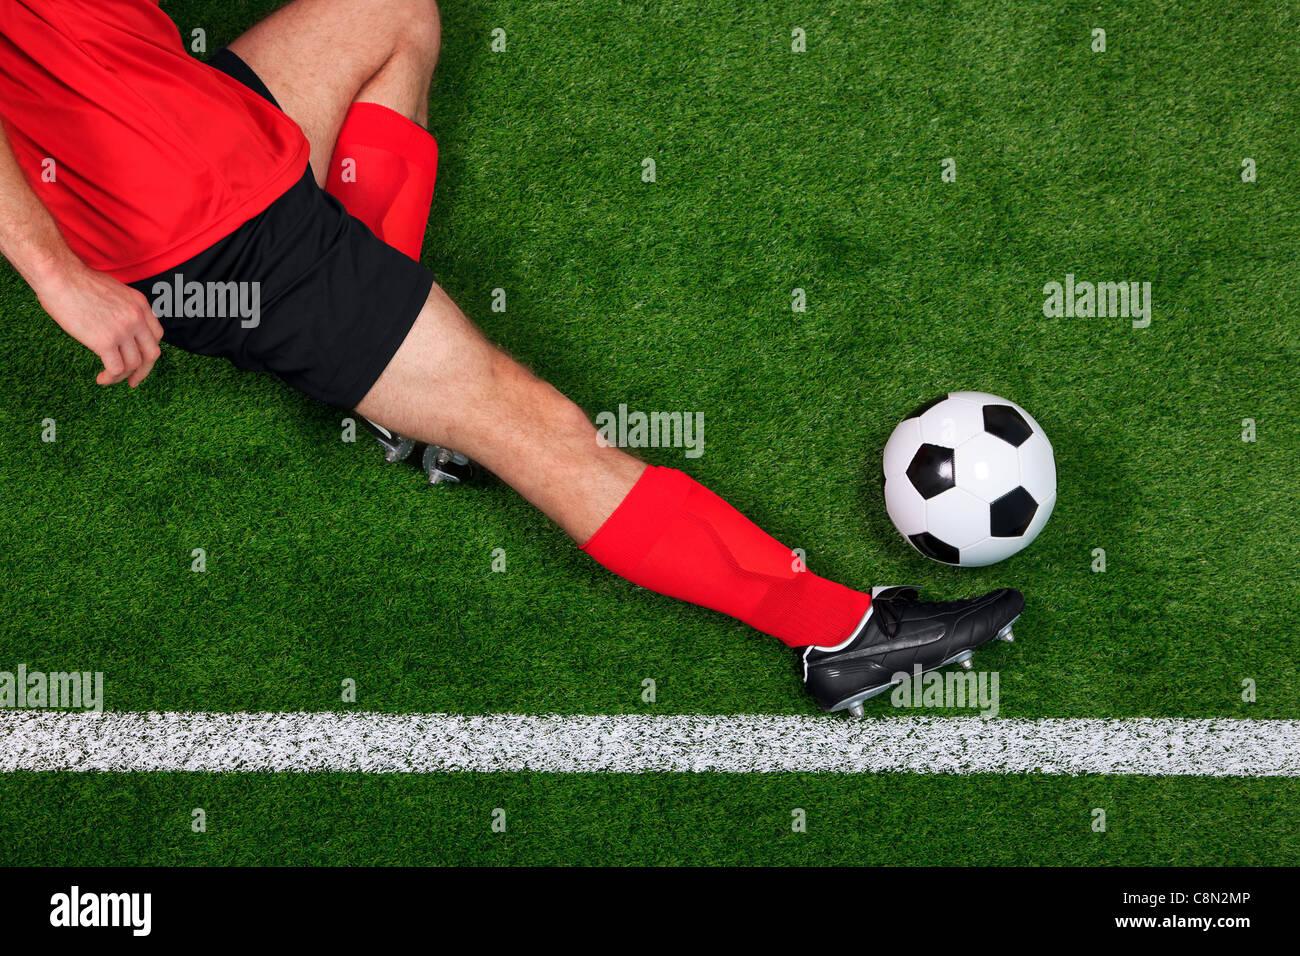 Photo prise à la verticale d'un joueur de soccer ou de football en coulissant pour sauver le ballon sur Photo Stock